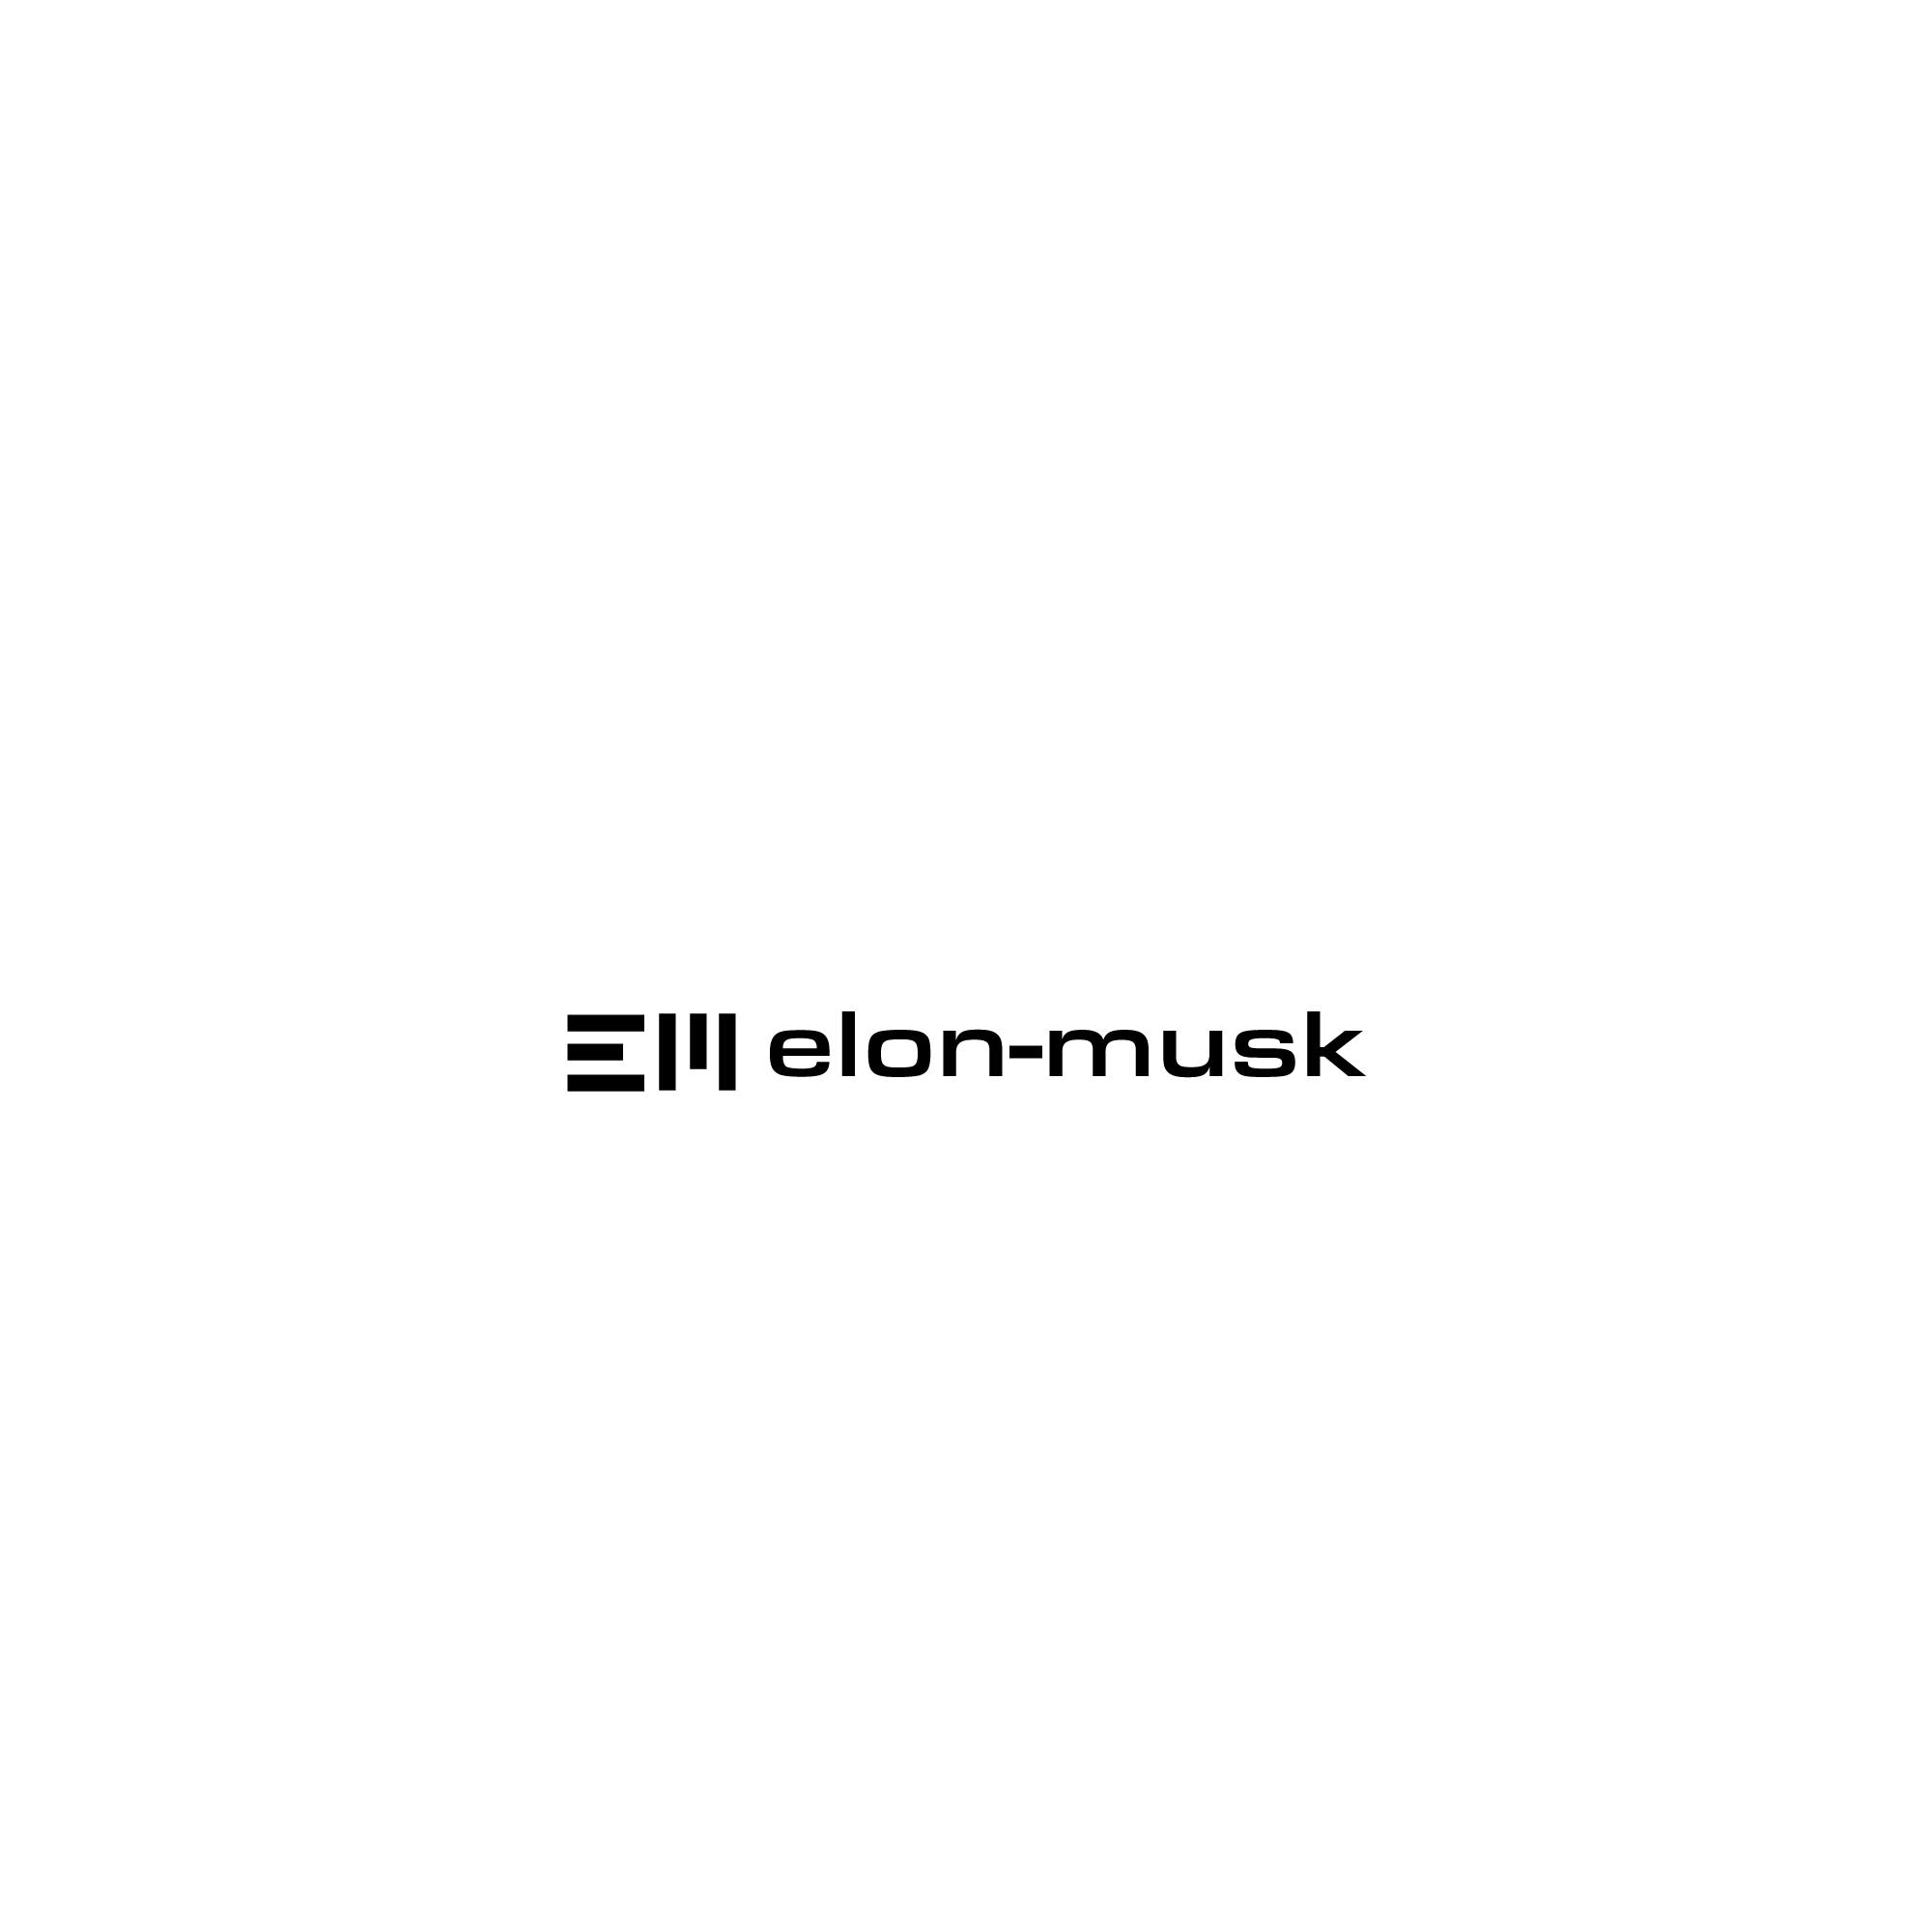 Логотип для новостного сайта  фото f_3755b721364c4835.jpg